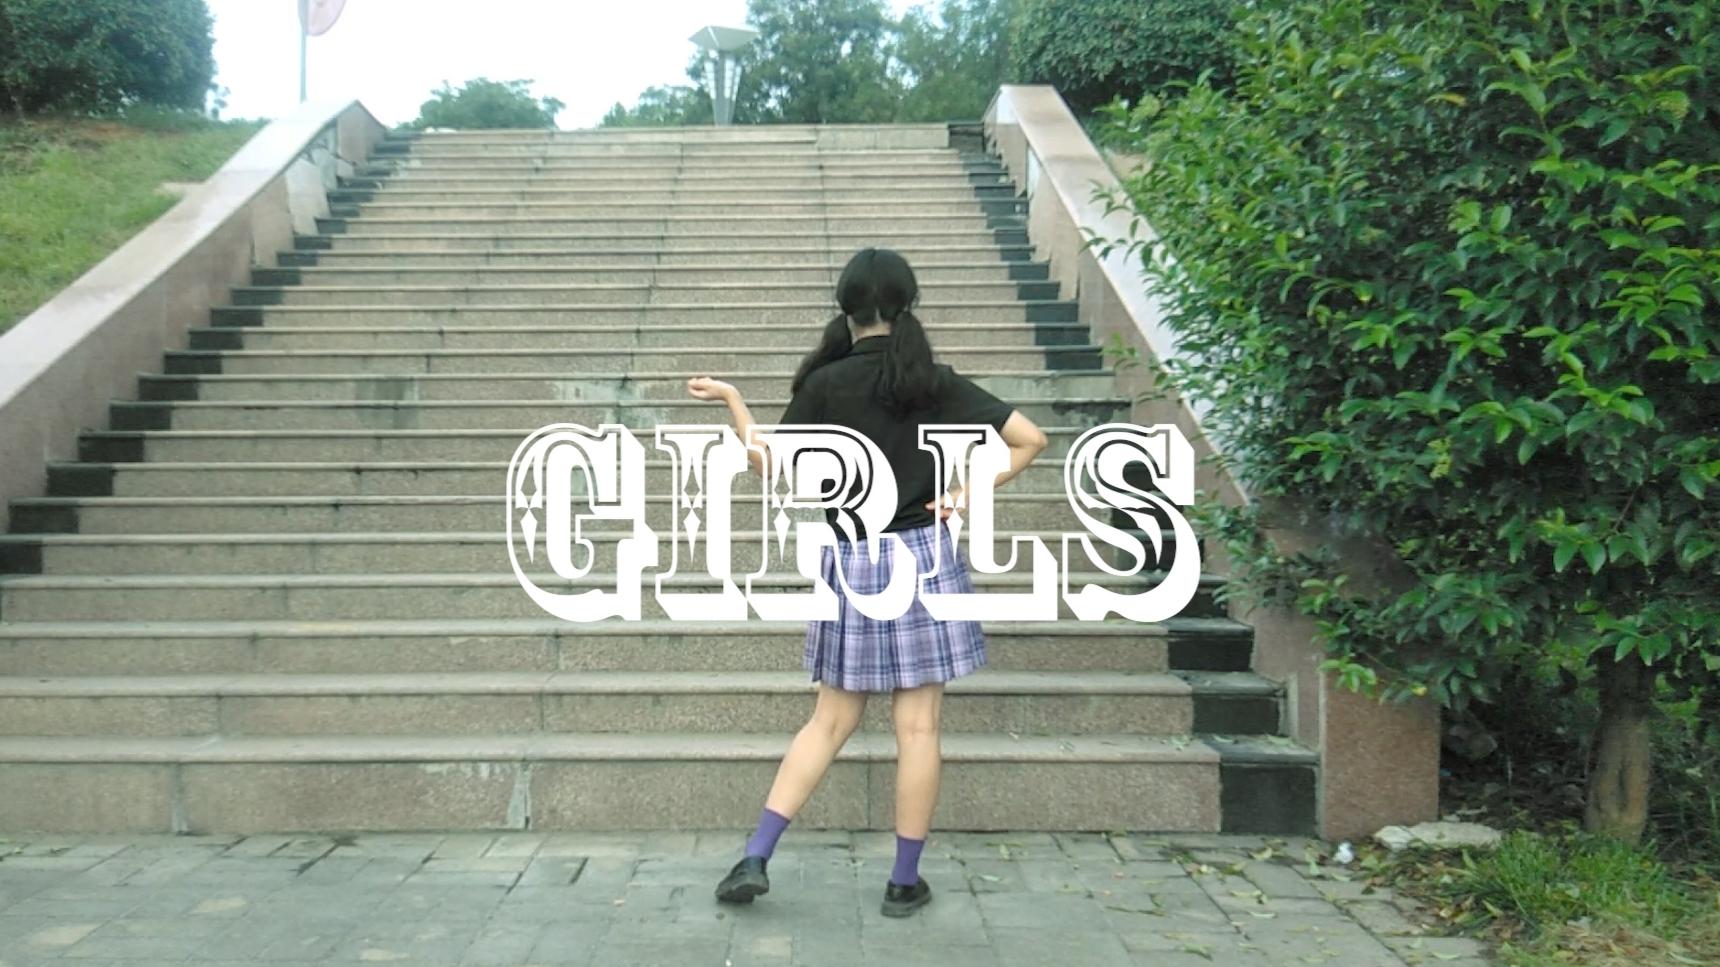 【叁贰】Girls-文艺复兴